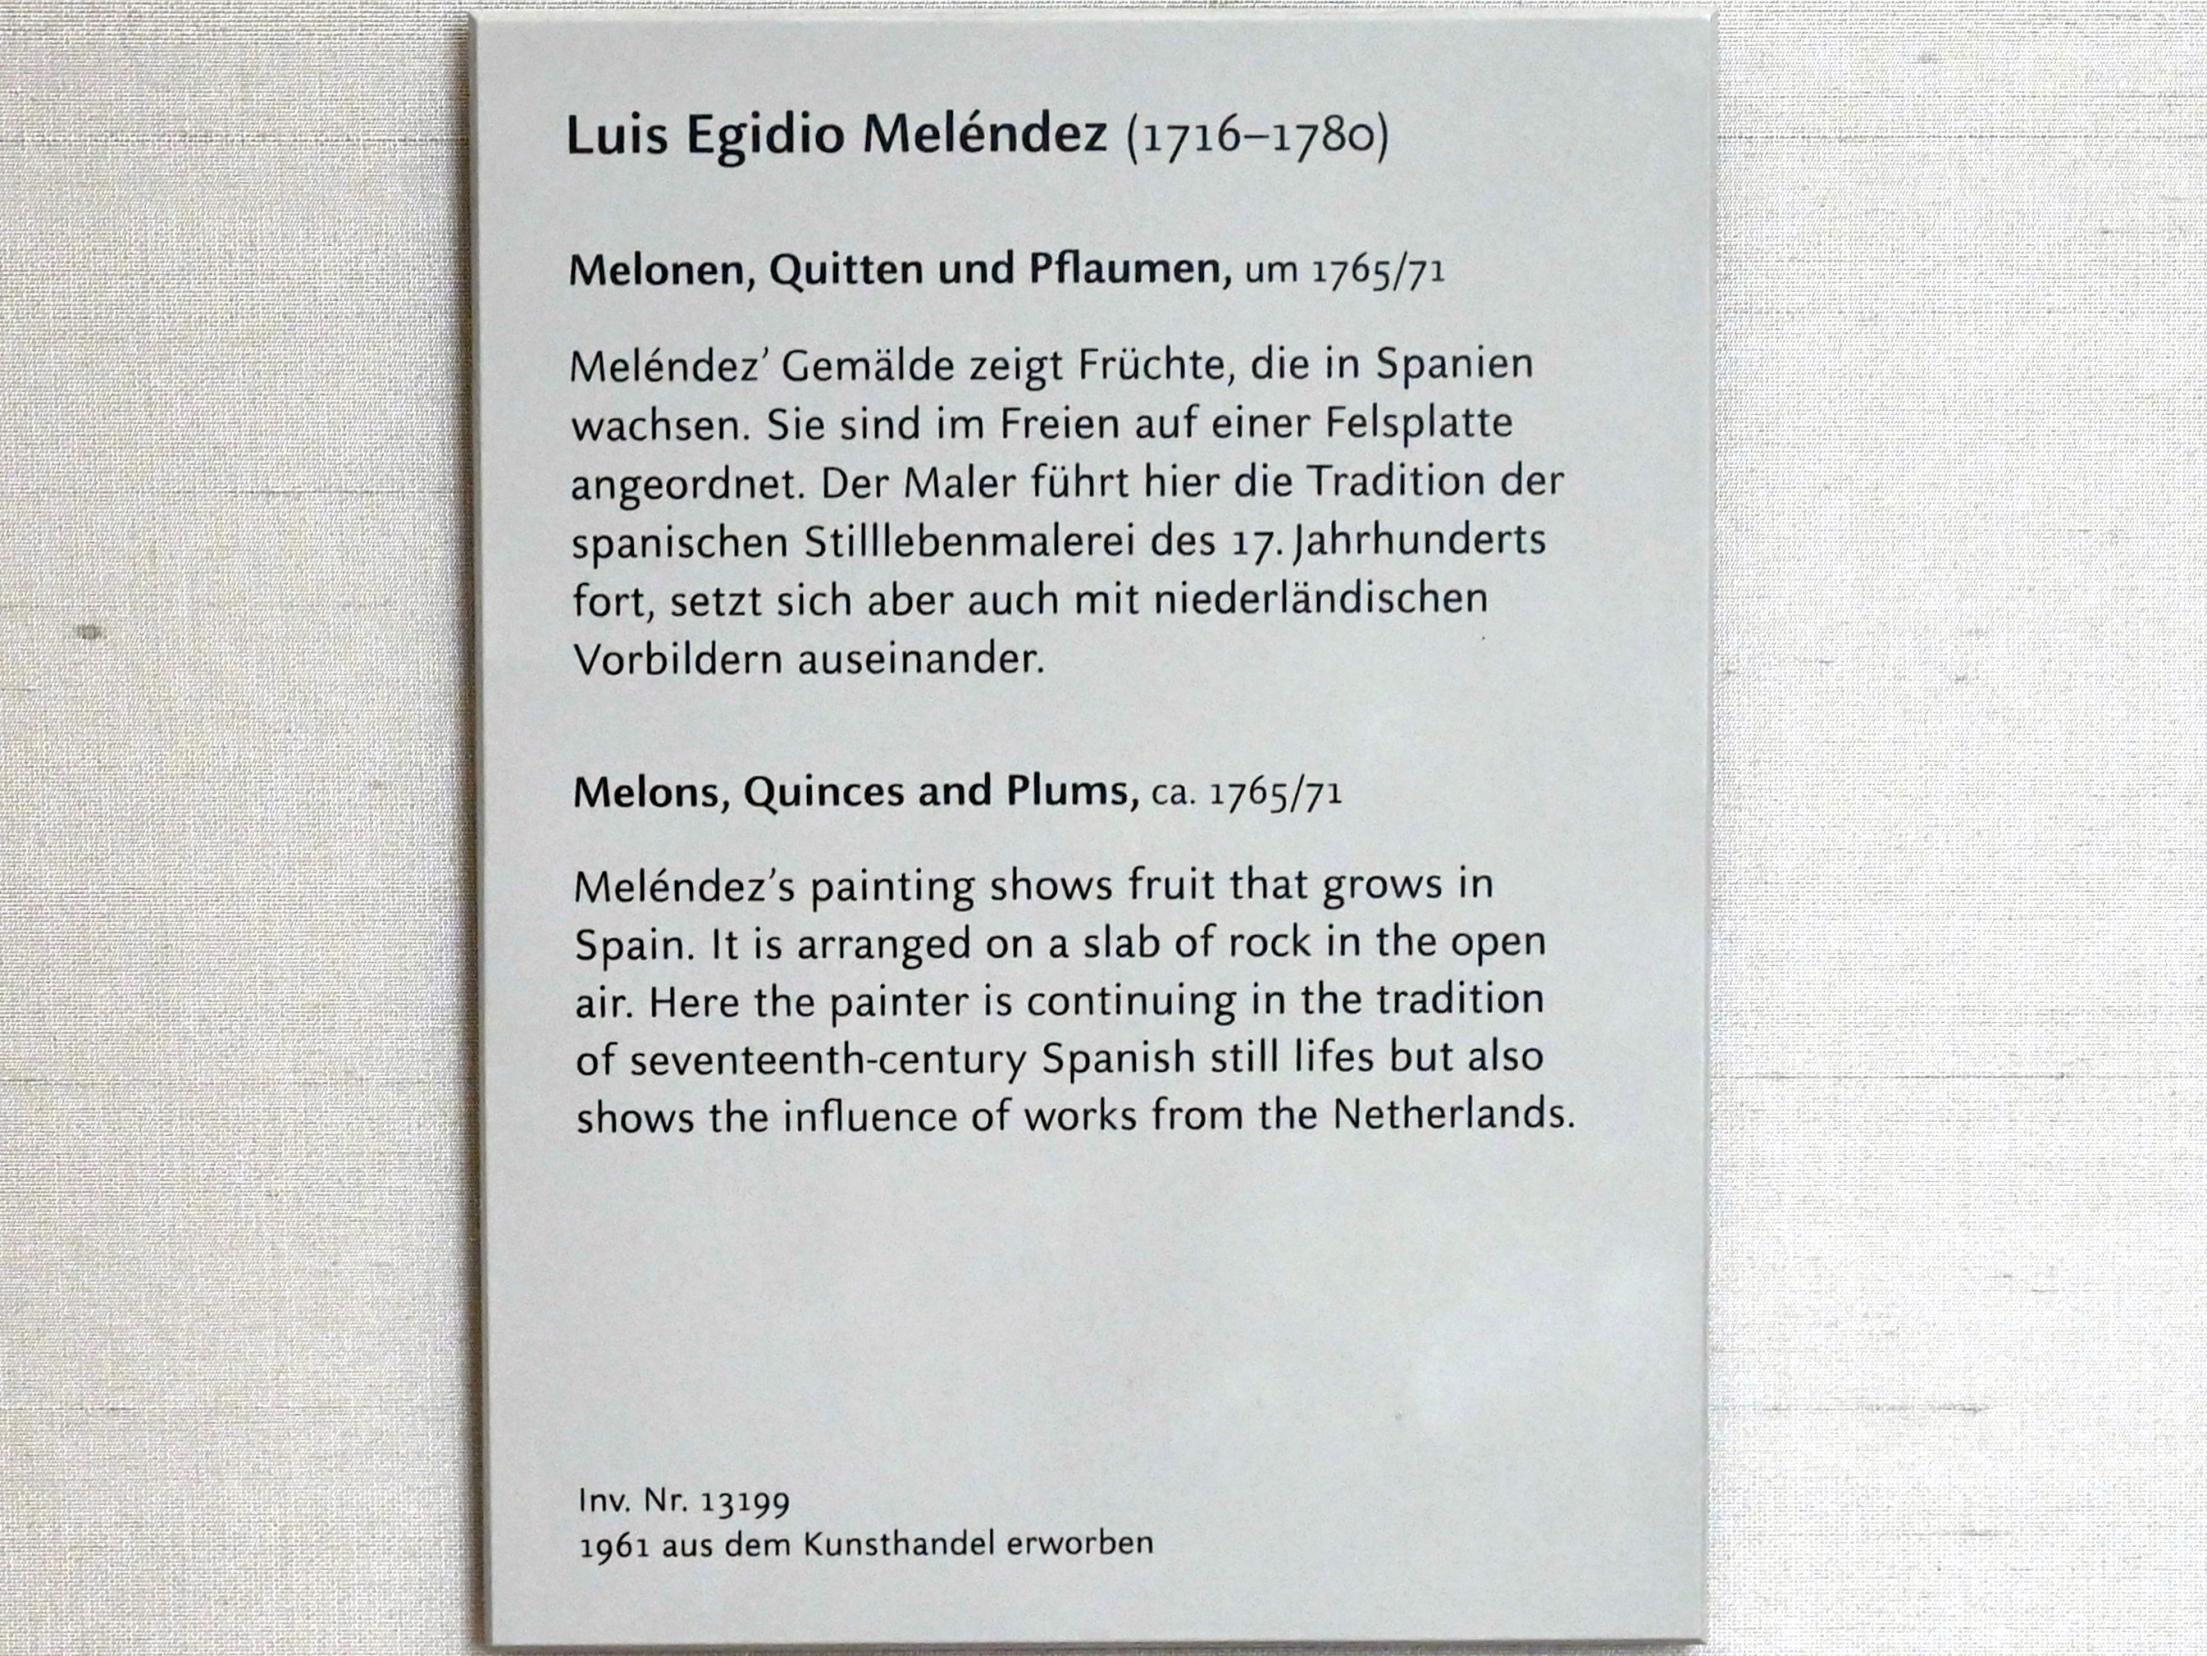 Luis Eugenio Meléndez: Melonen, Quitten und Pflaumen, um 1765 - 1770, Bild 2/2